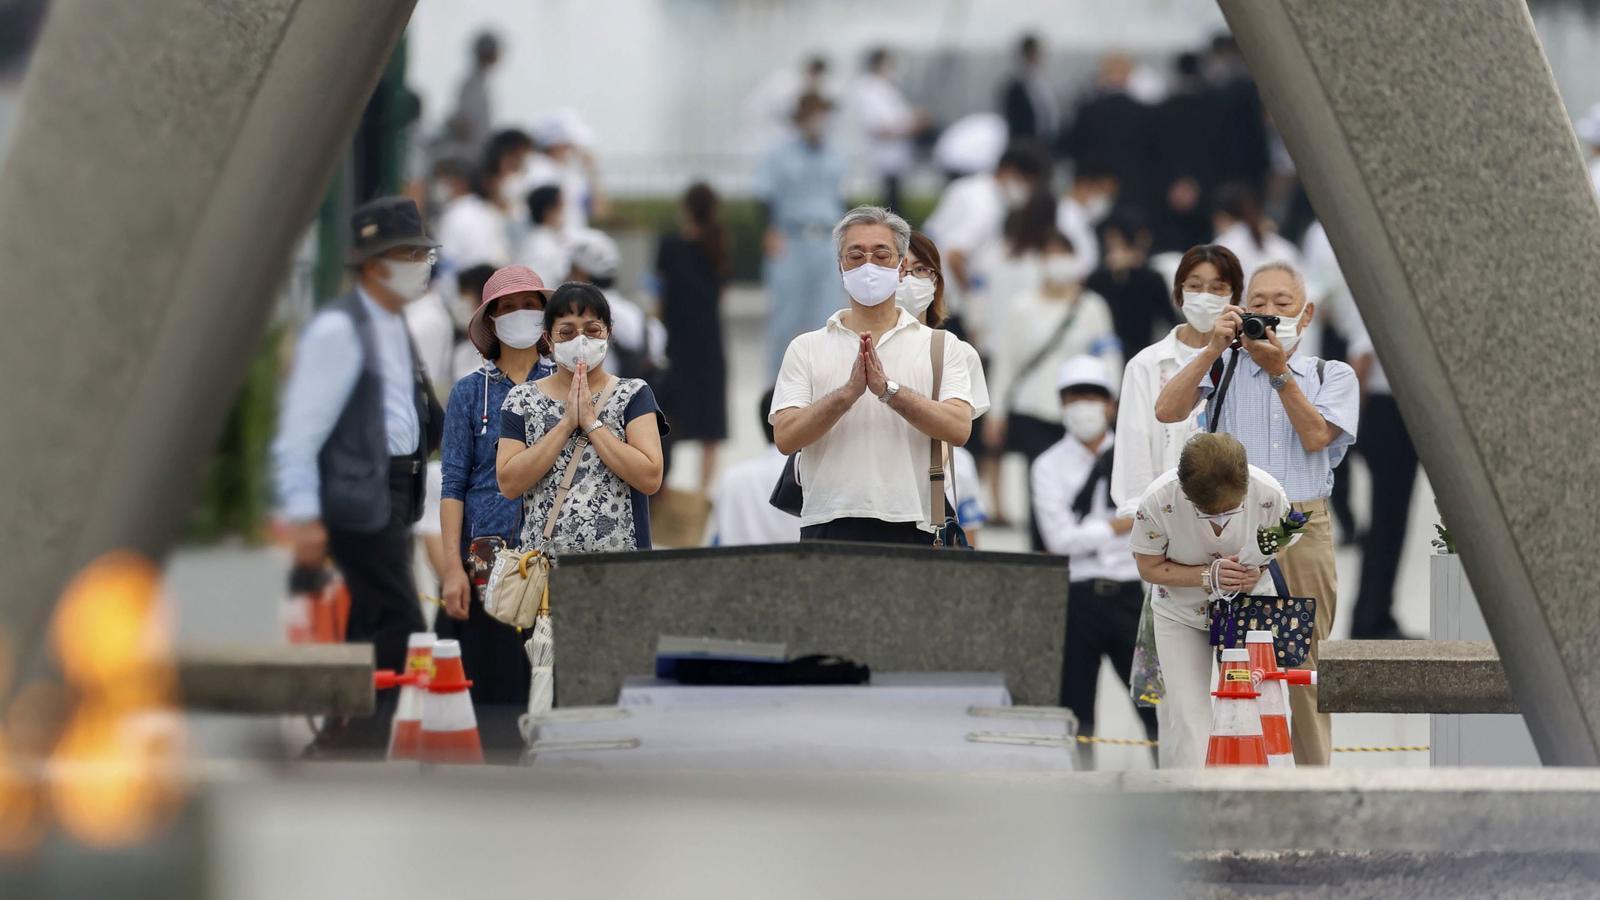 Un dels moments de la cerimònia: assistents preguen per les víctimes de la bomba d'Hiroshima.